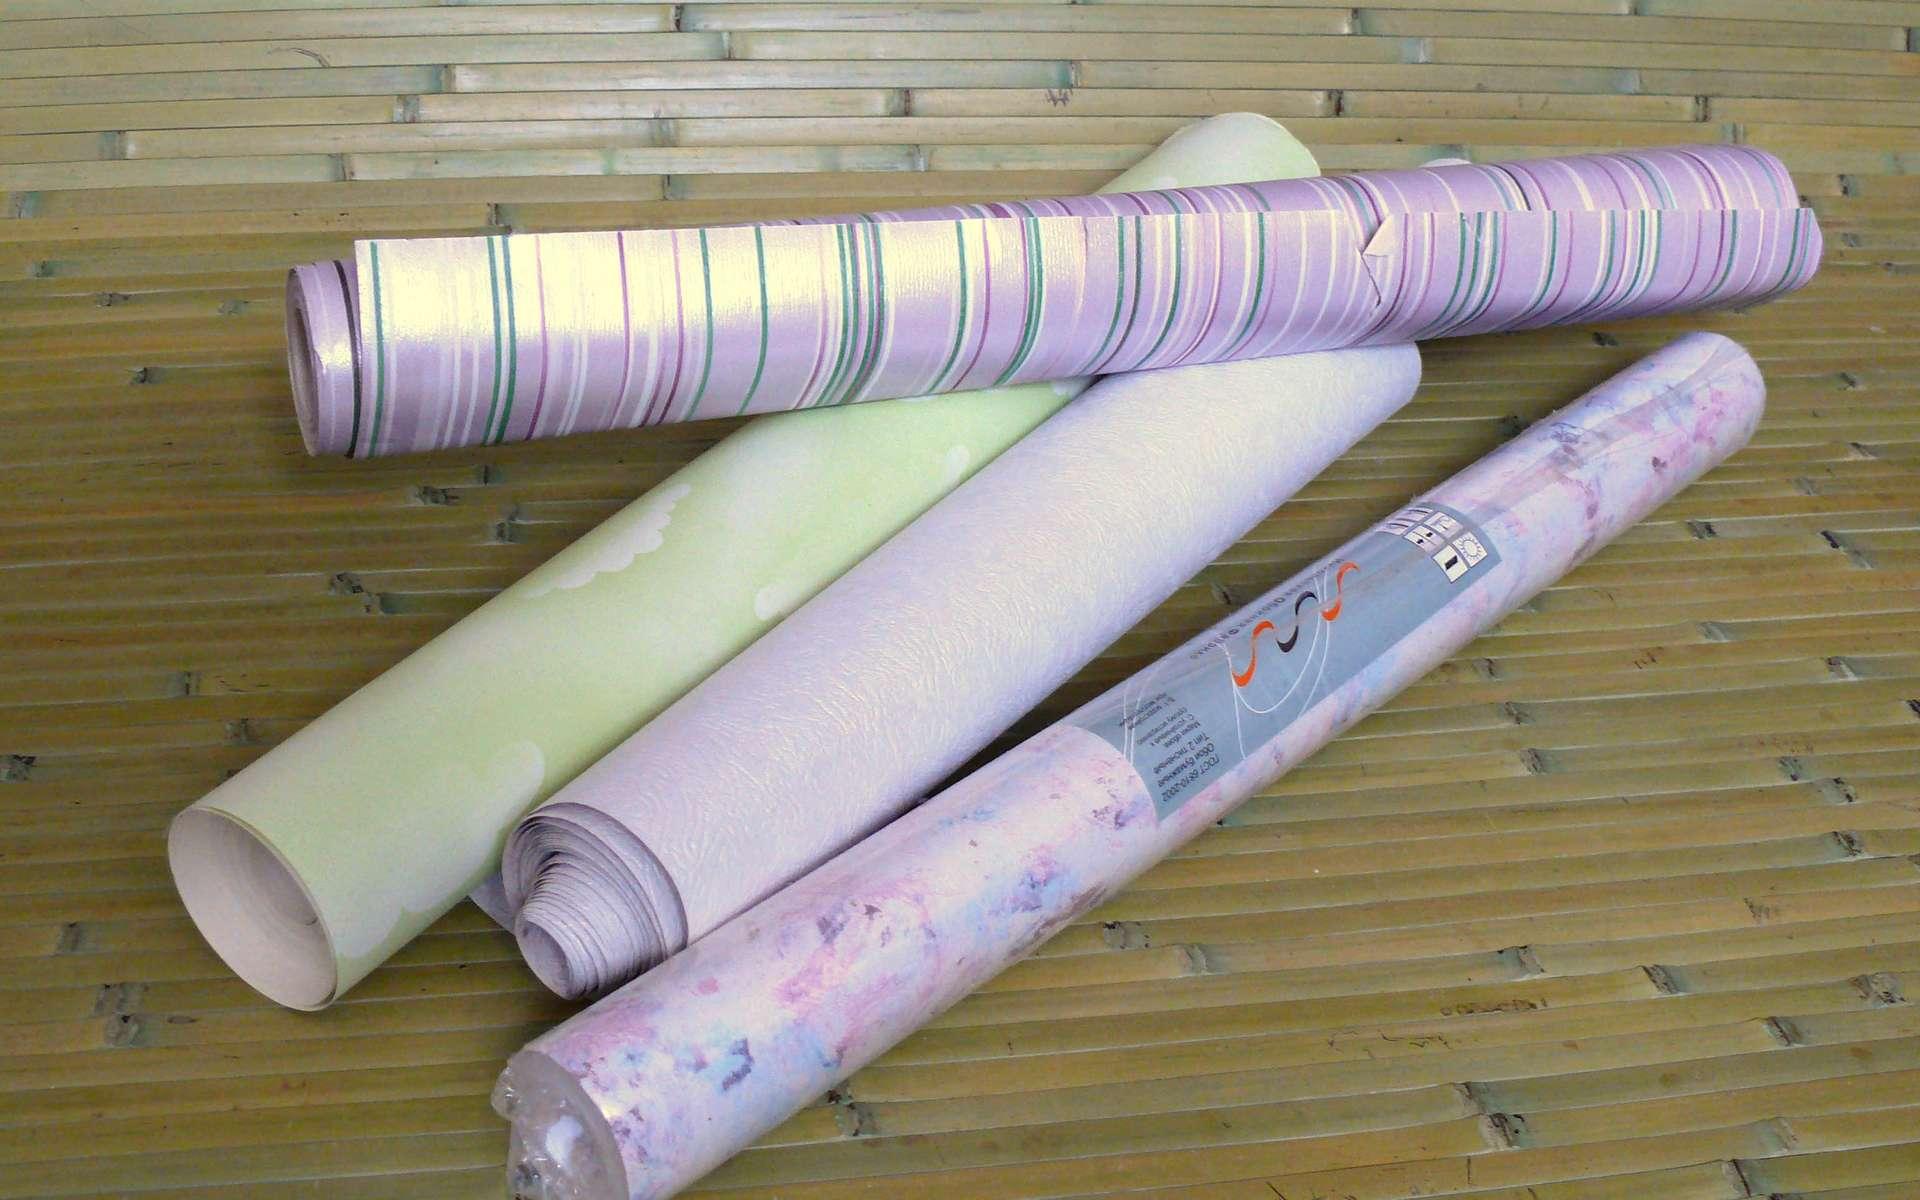 Le papier peint est un revêtement mural disponible sous forme de rouleaux. © CC BY-SA 3.0, Wikimedia Commons